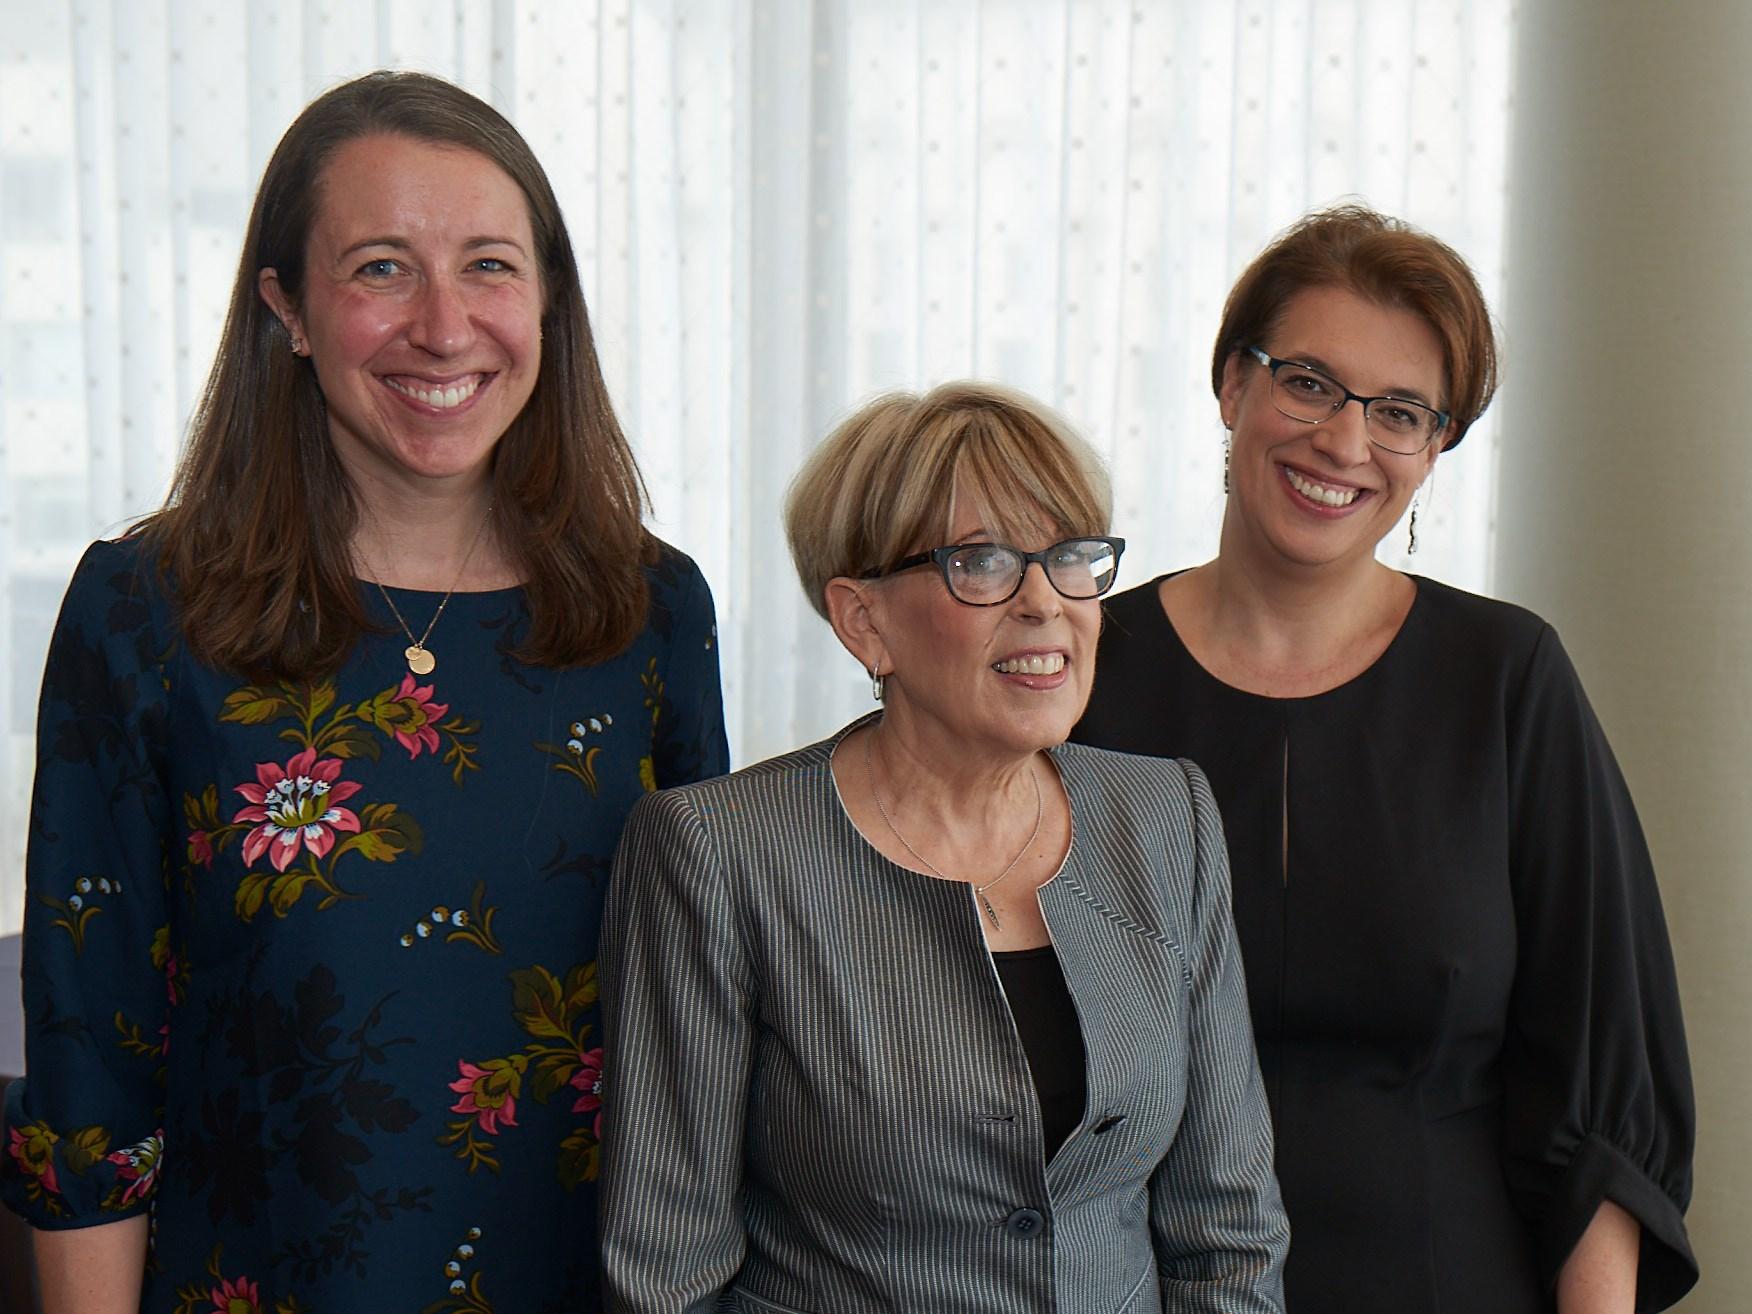 Women in Development Boston